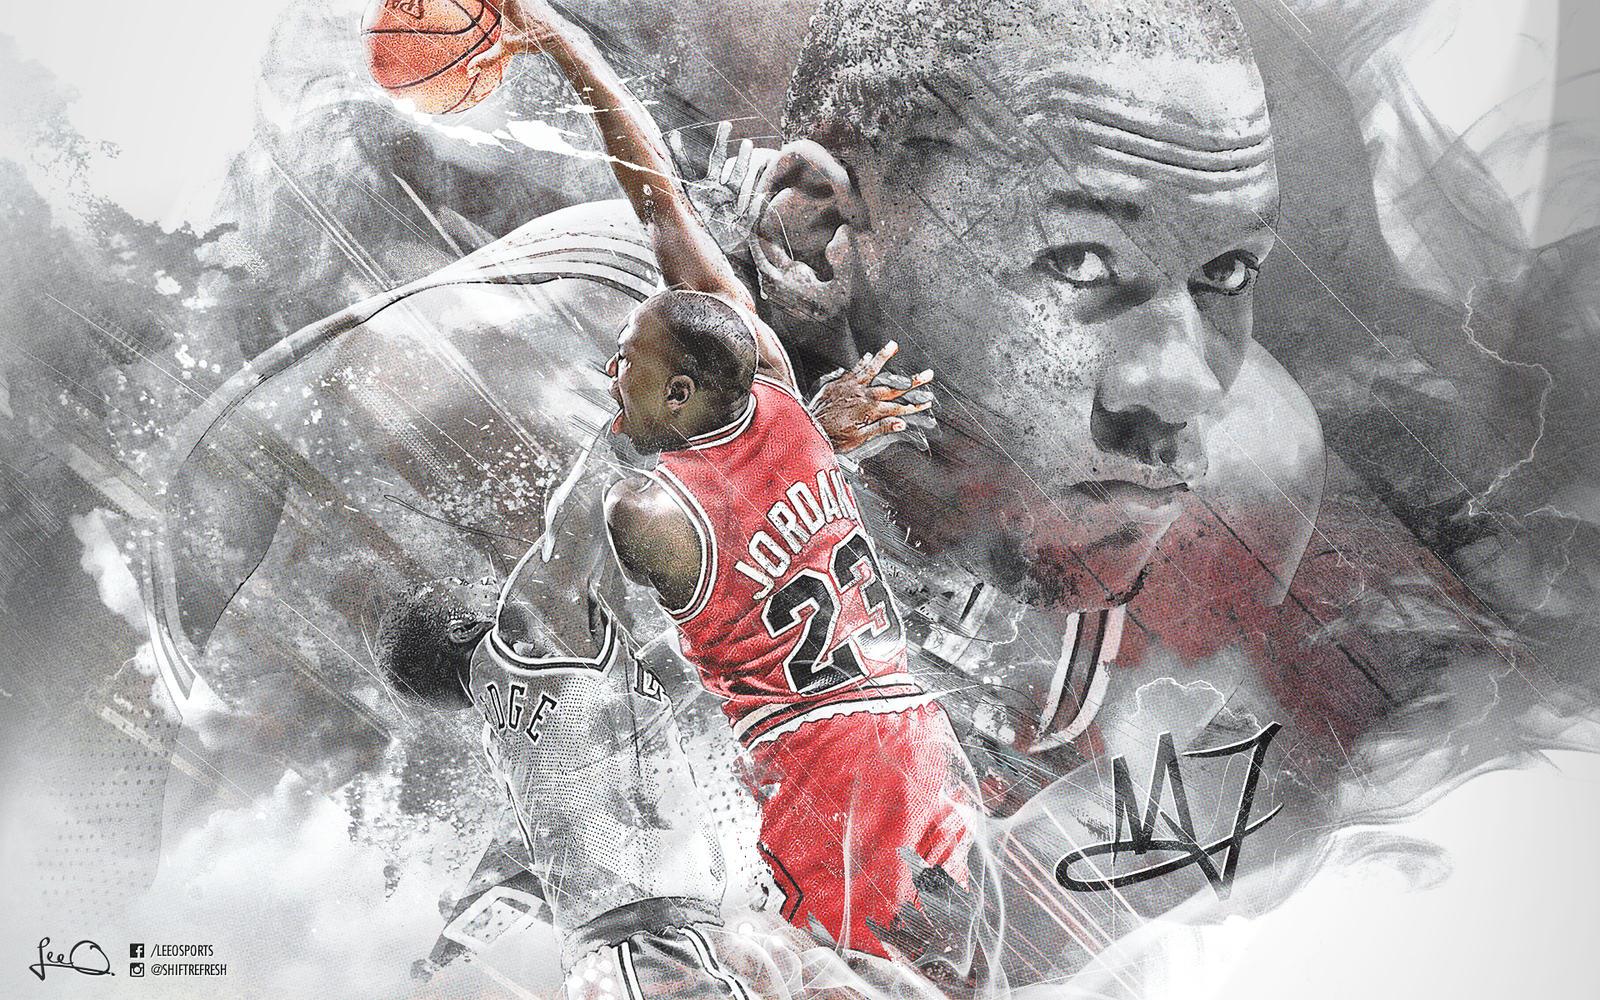 Michael Jordan Fan Art: Michael Jordan Wallpaper By Skythlee On DeviantArt